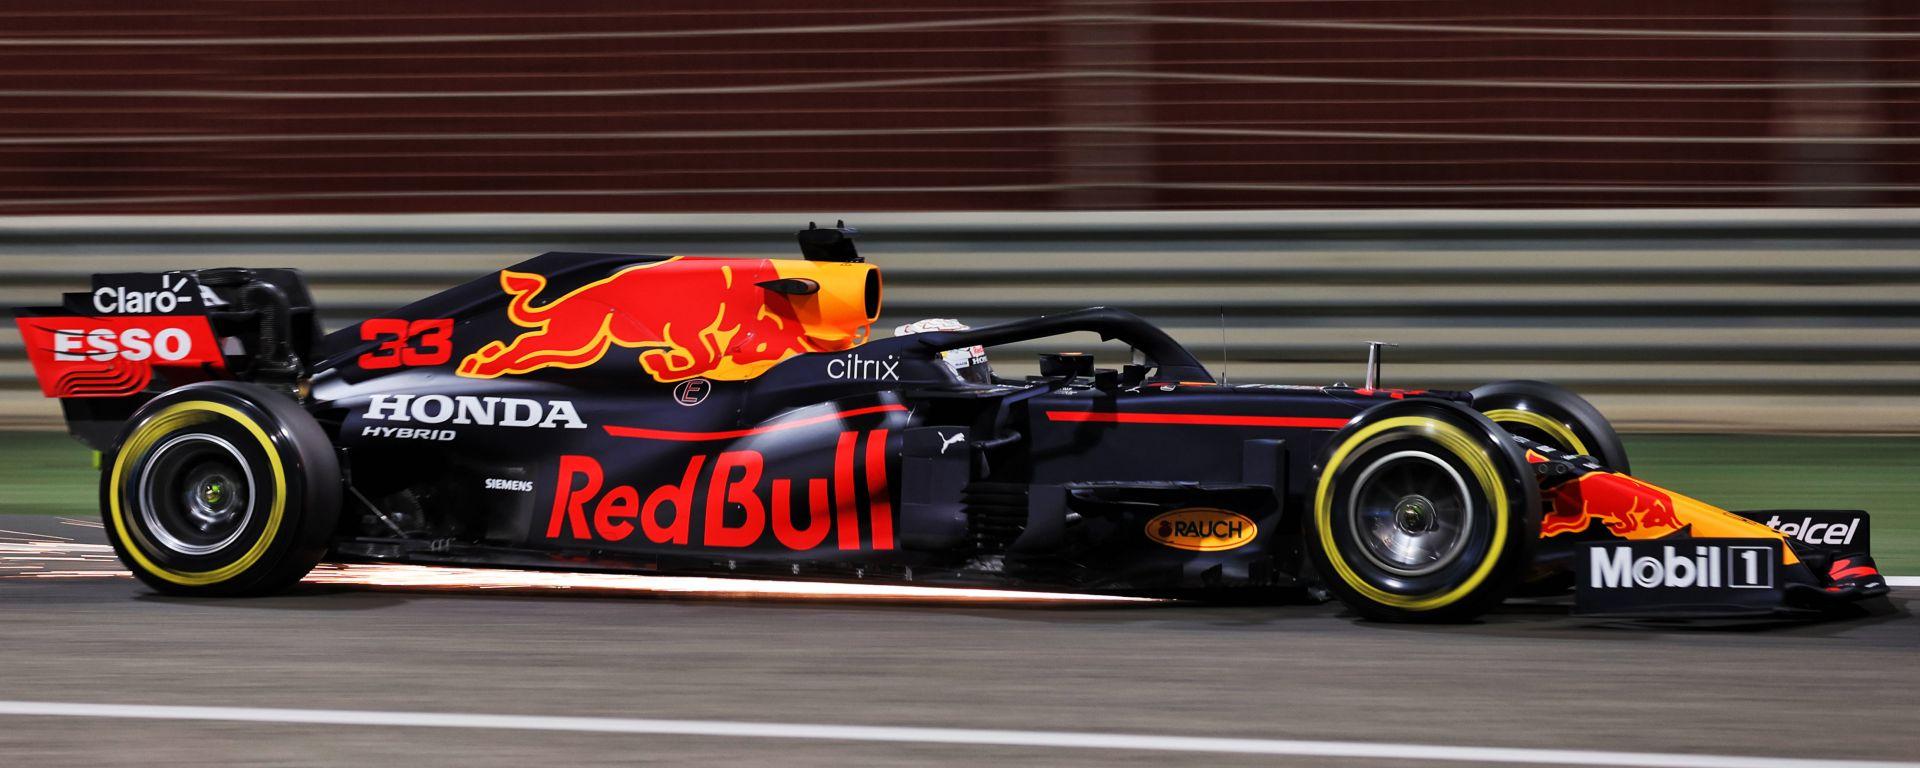 F1 Test Bahrain 2021, Sakhir: Max Verstappen (Red Bull Racing)